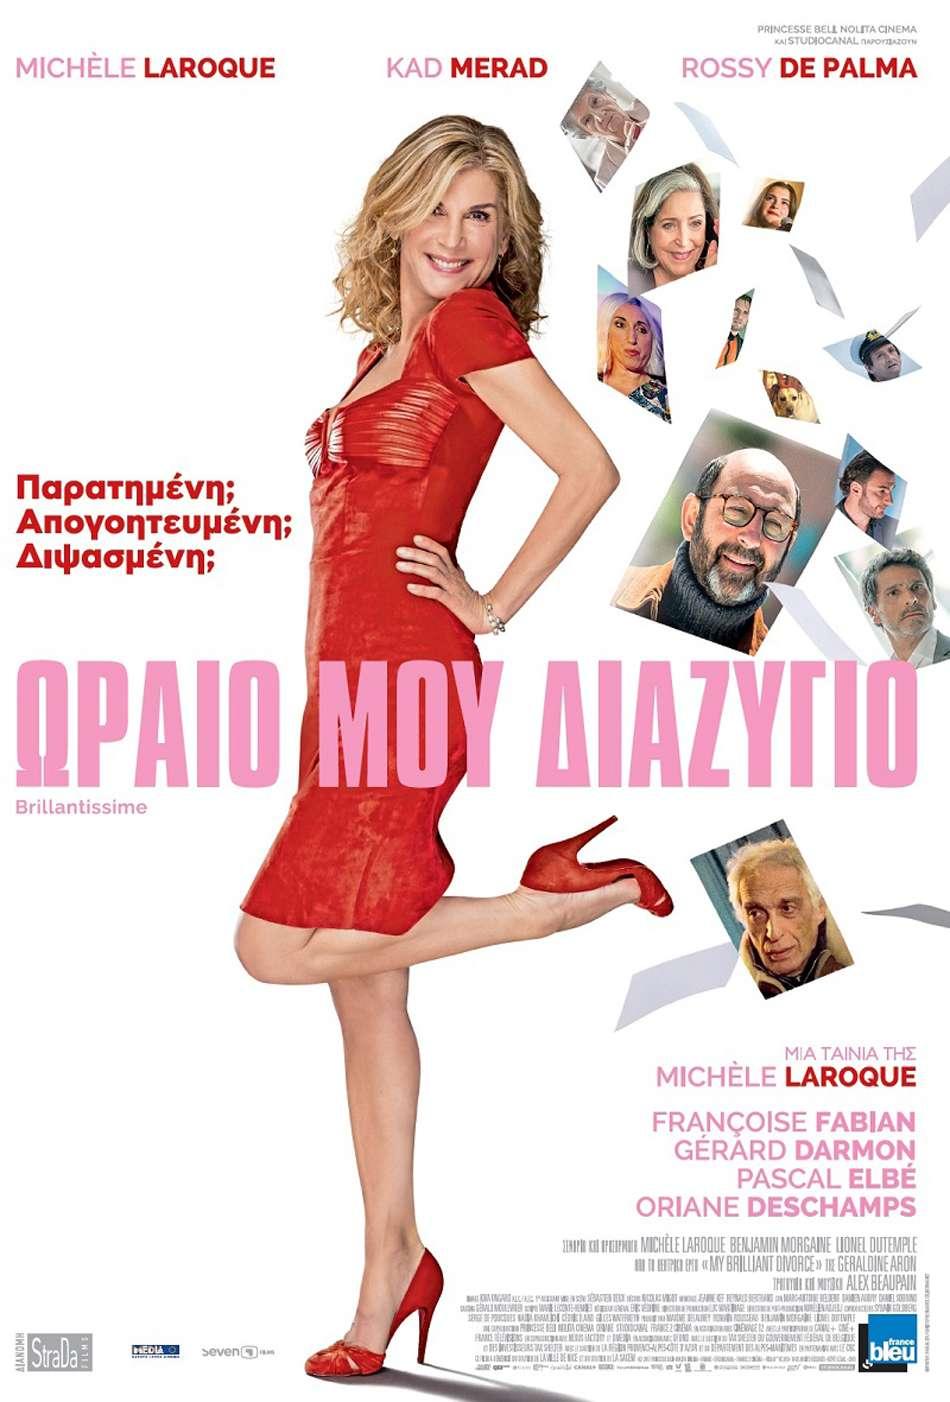 Ωραίο μου Διαζύγιο (Brilantissime) Poster